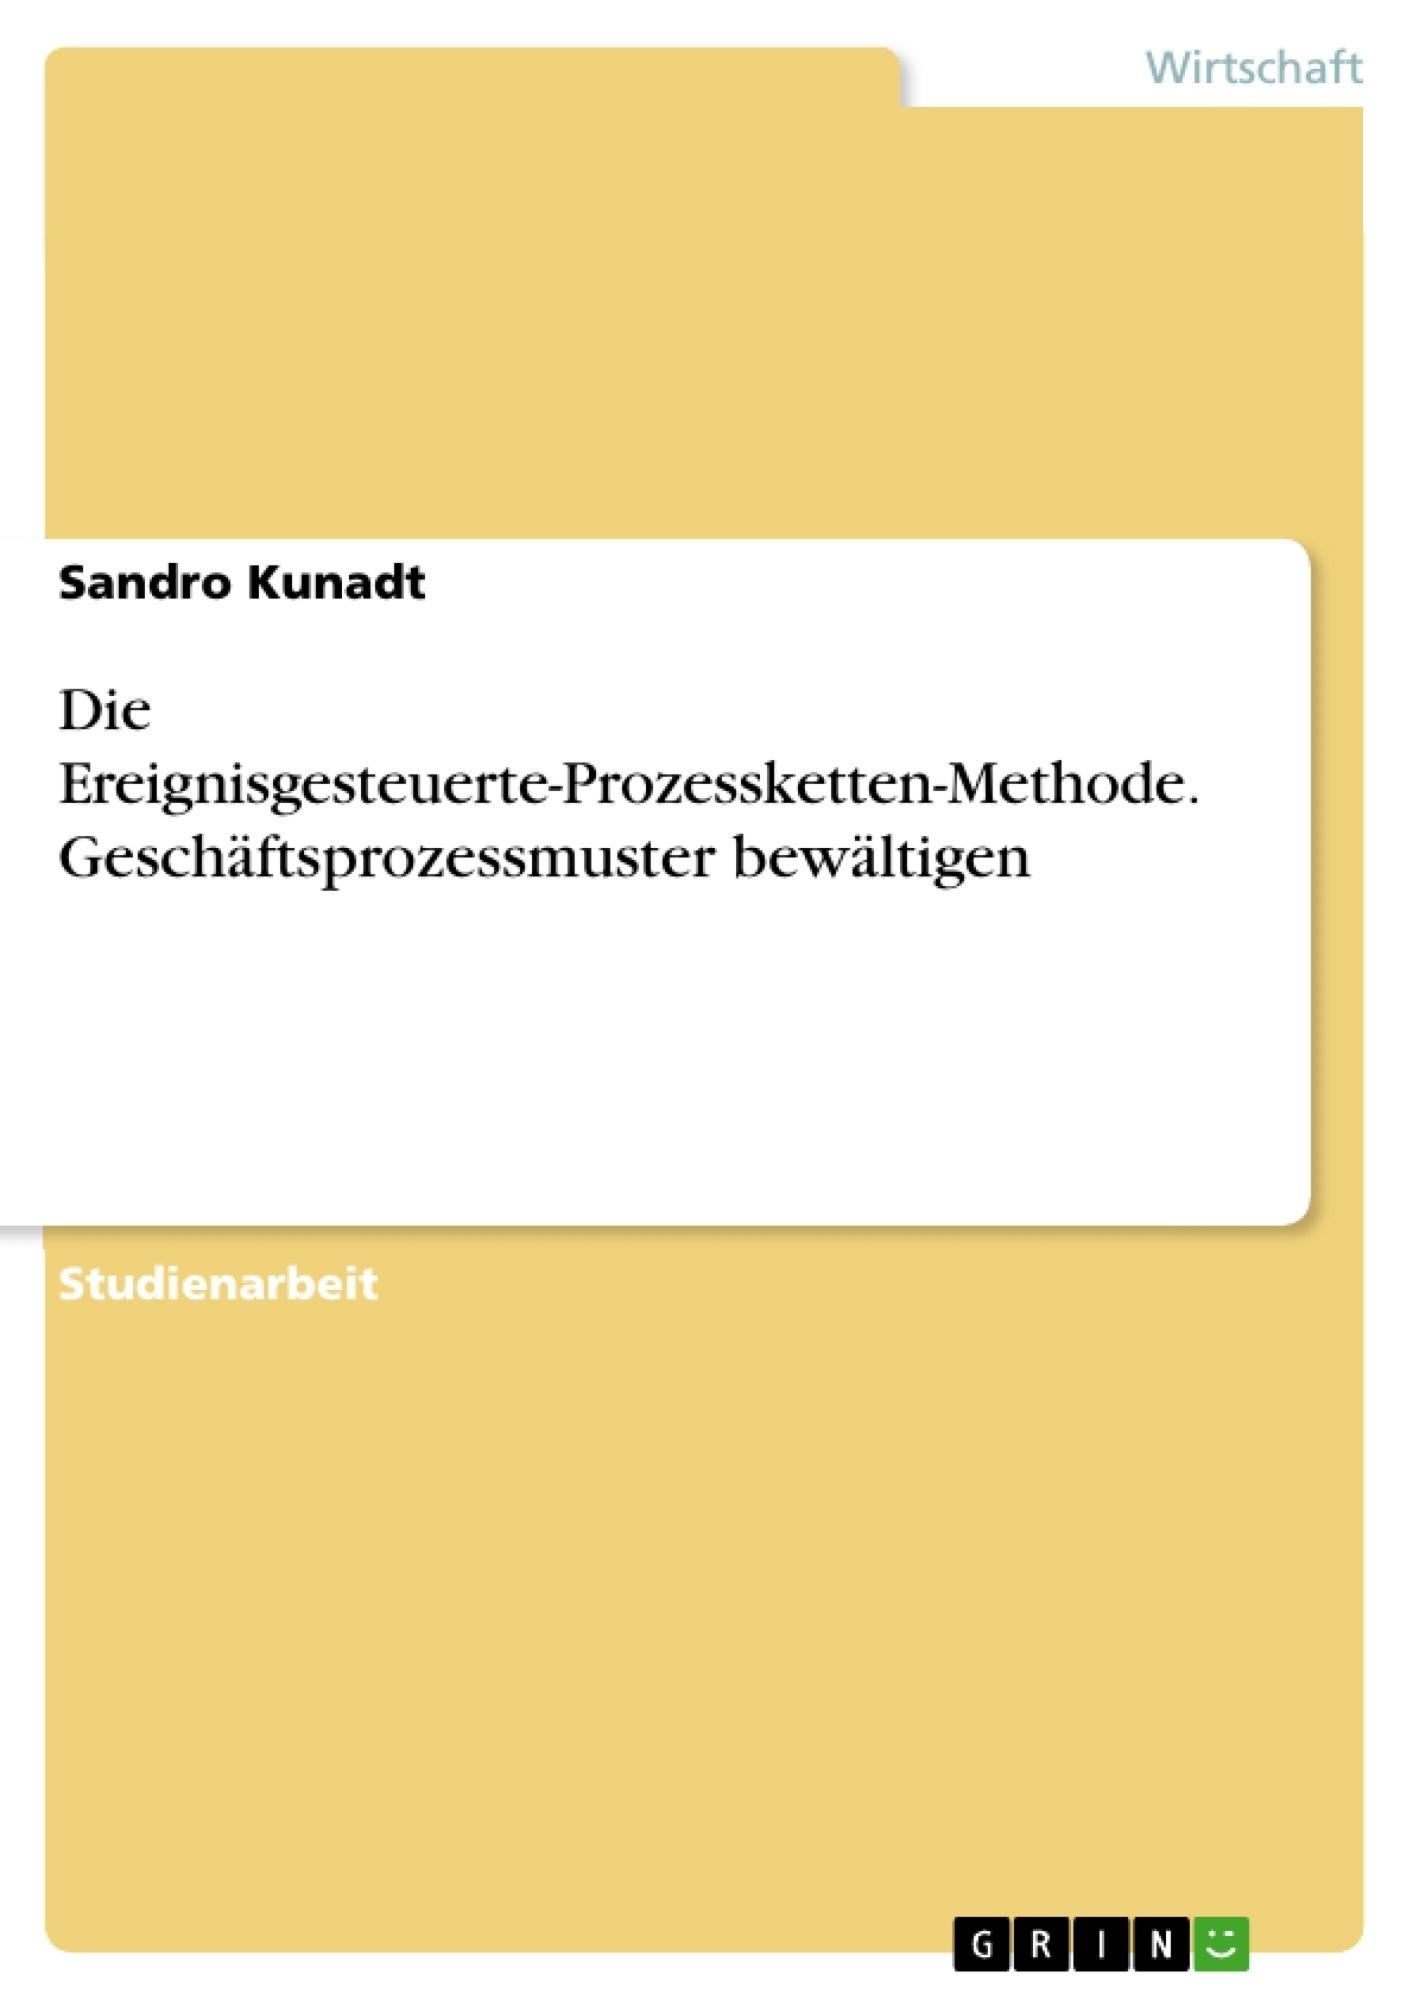 Titel: Die Ereignisgesteuerte-Prozessketten-Methode. Geschäftsprozessmuster bewältigen